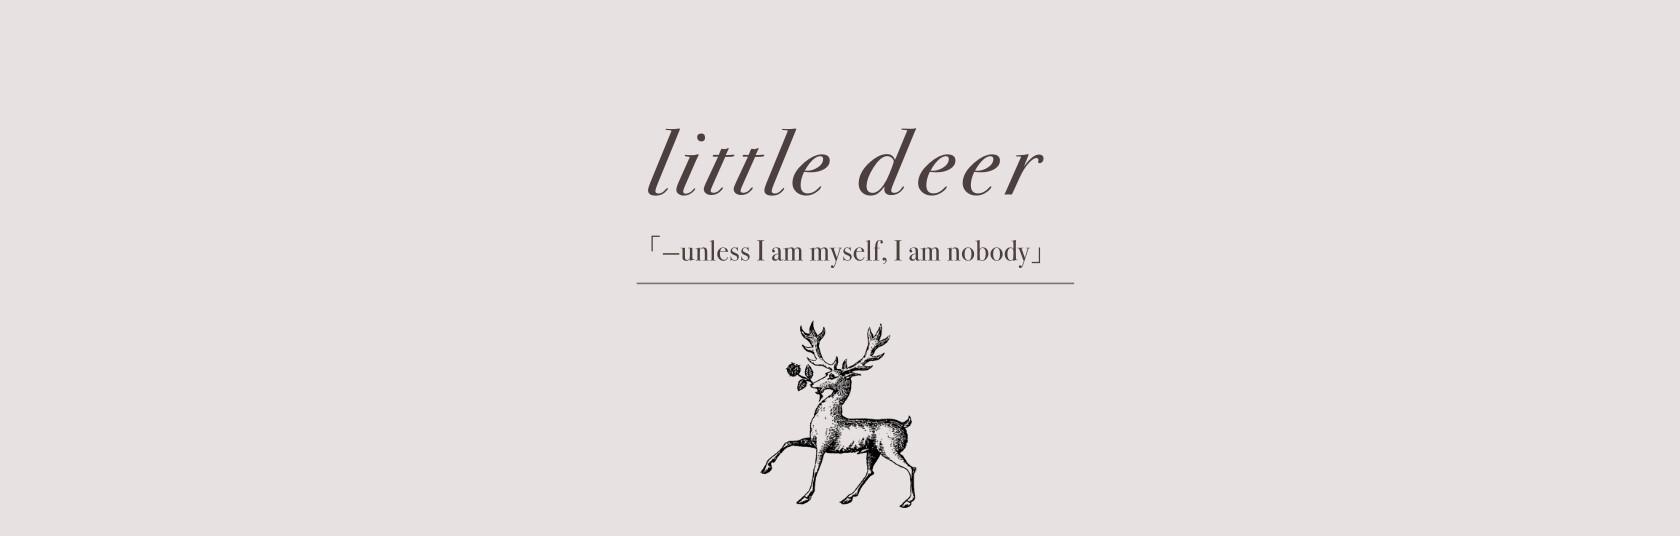 littledeer